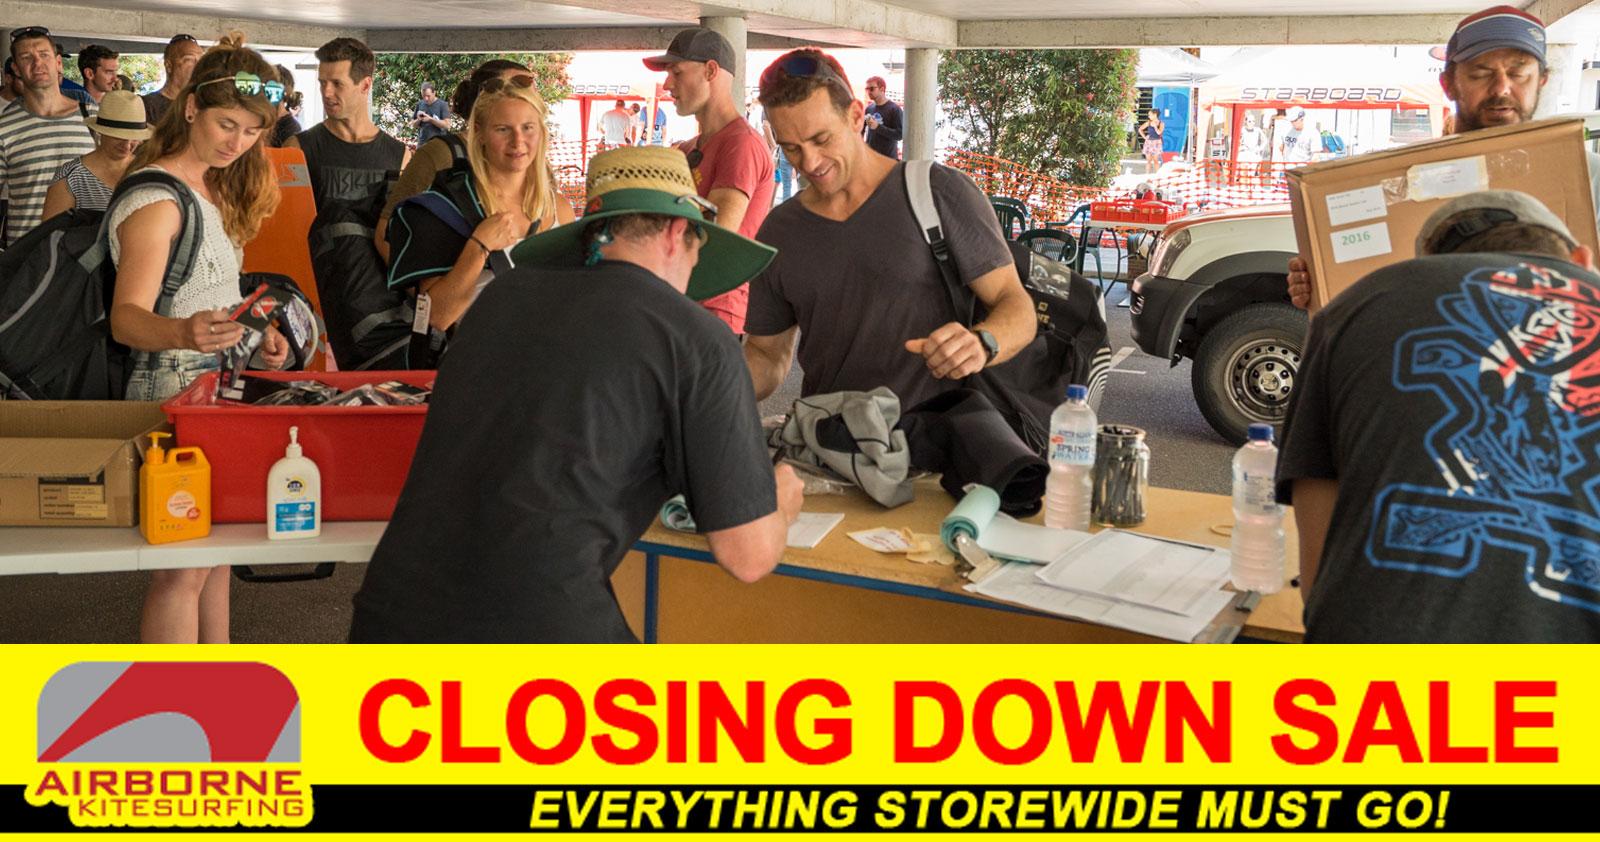 Airborne Kitesurfing Closing Down Sale